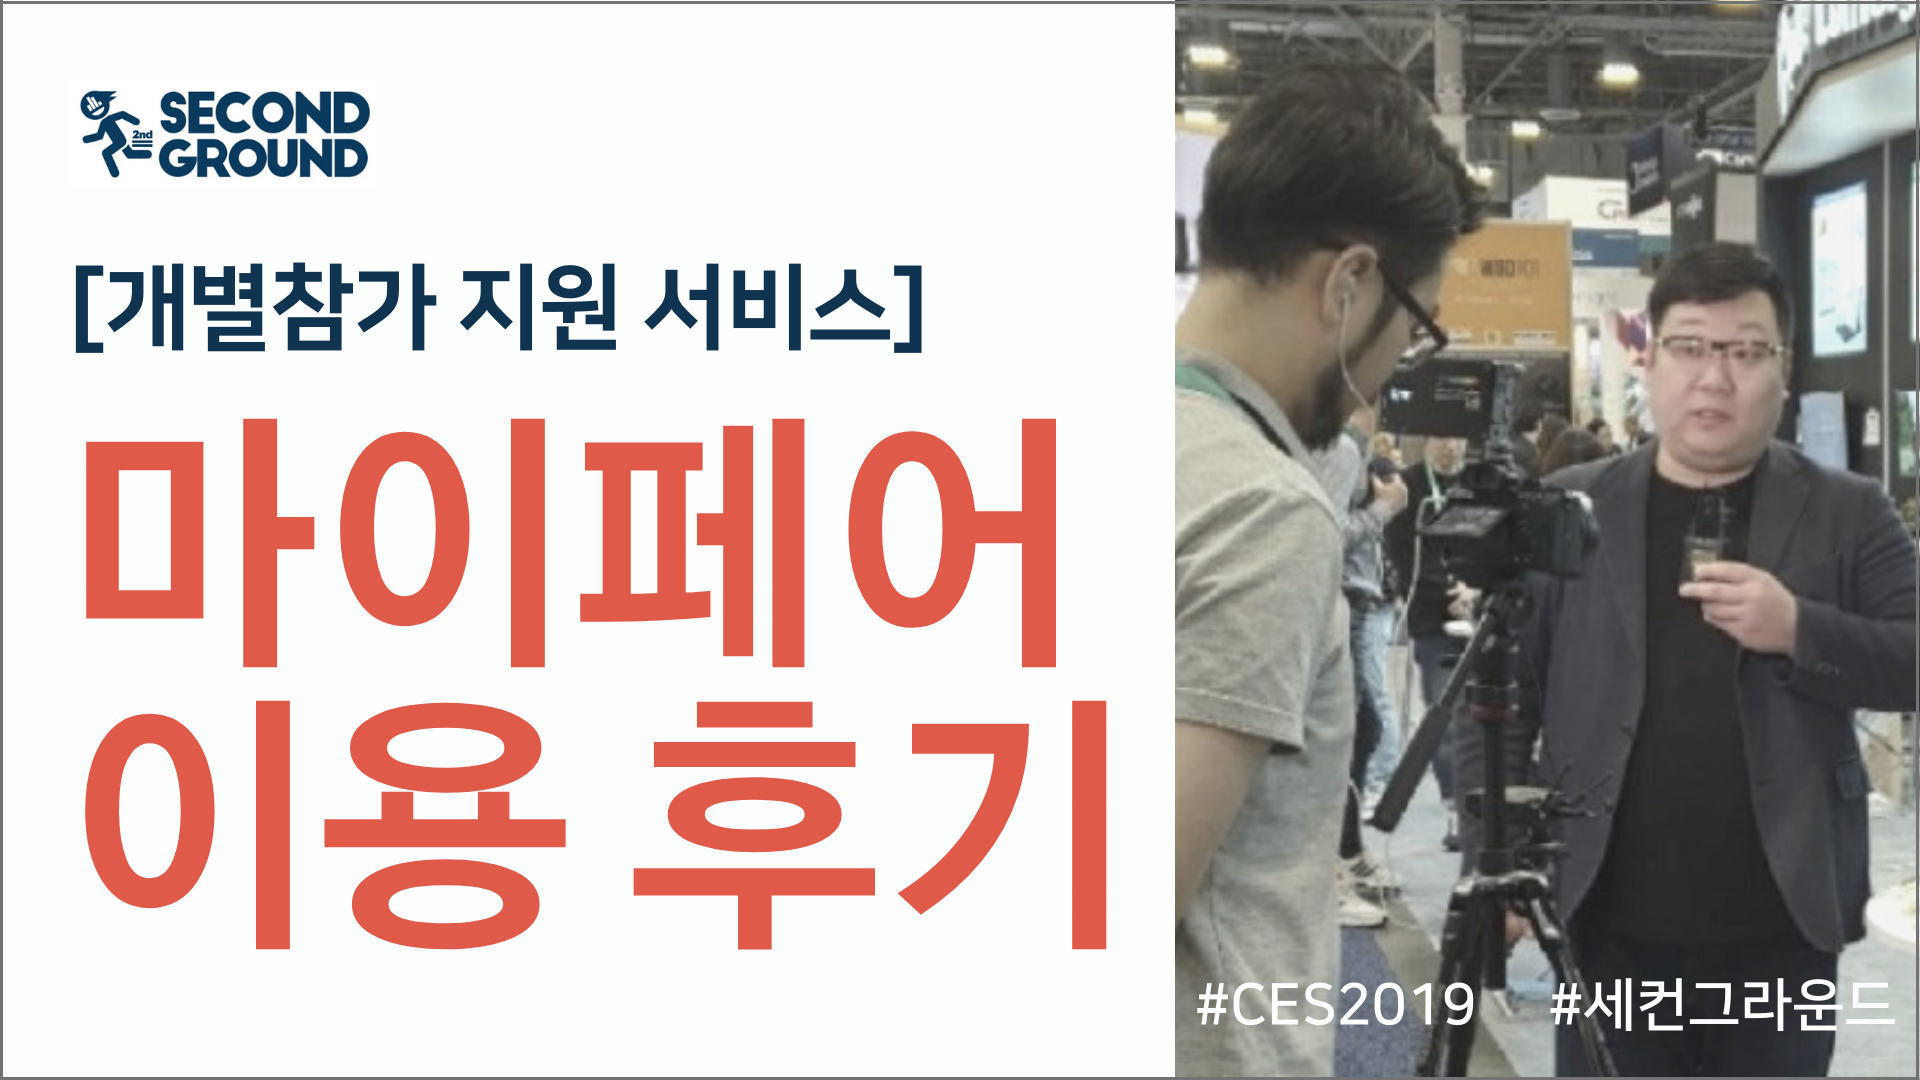 [박람회 참가 후기 / 개별참가 지원 서비스] CES 2019 - 세컨그라운드